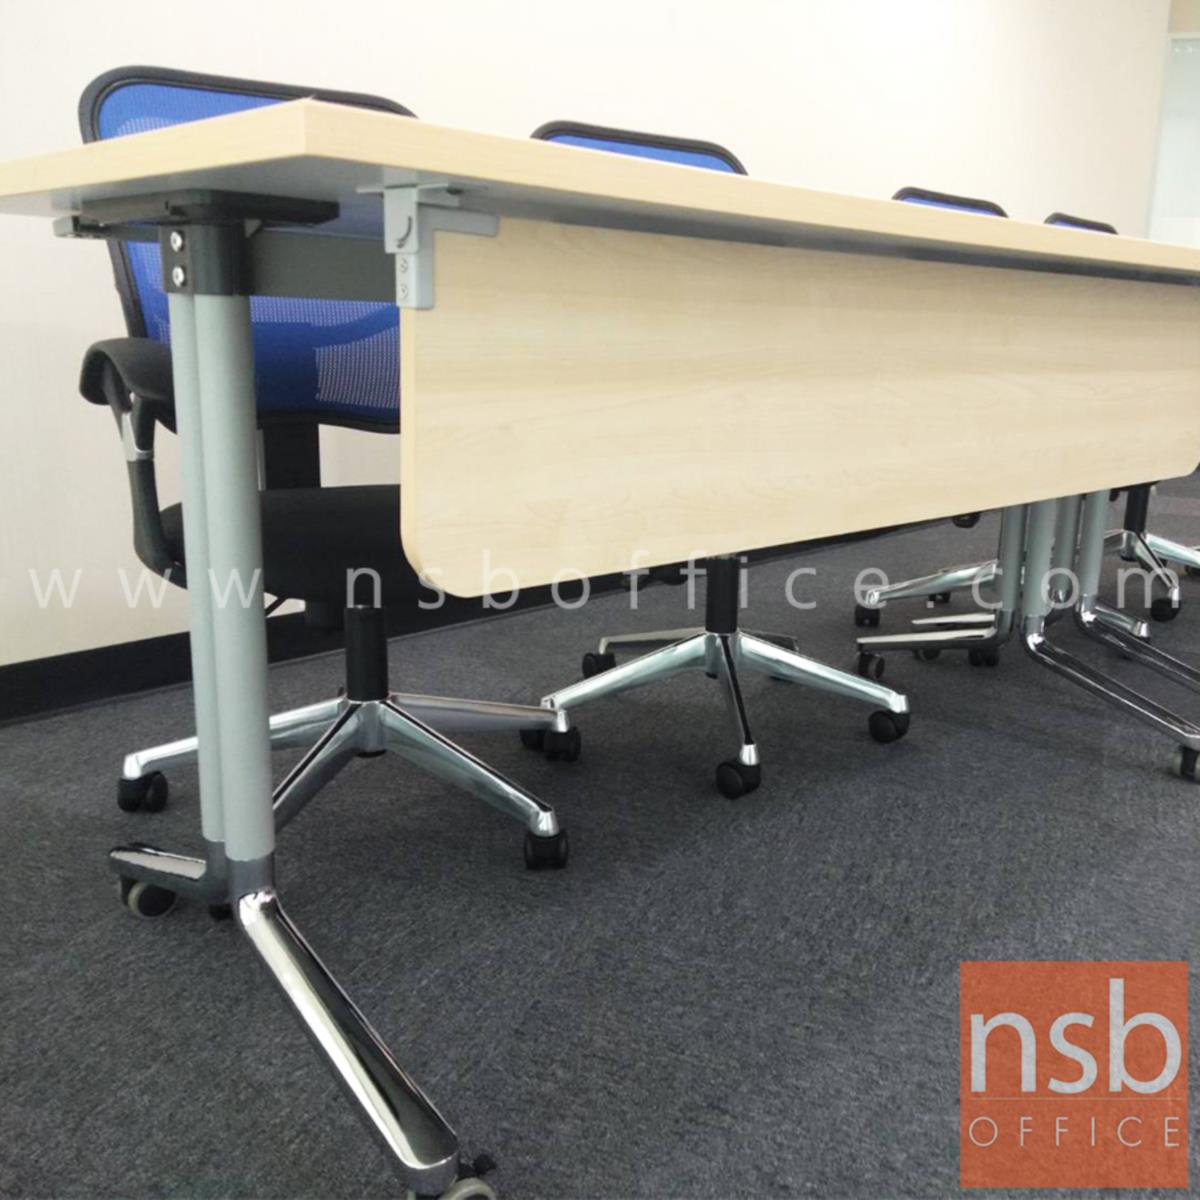 โต๊ะประชุมพับเก็บได้ล้อเลื่อน รุ่น CN-056  ขนาด 150W ,180W cm. พร้อมบังตาไม้ ขาเหล็ก